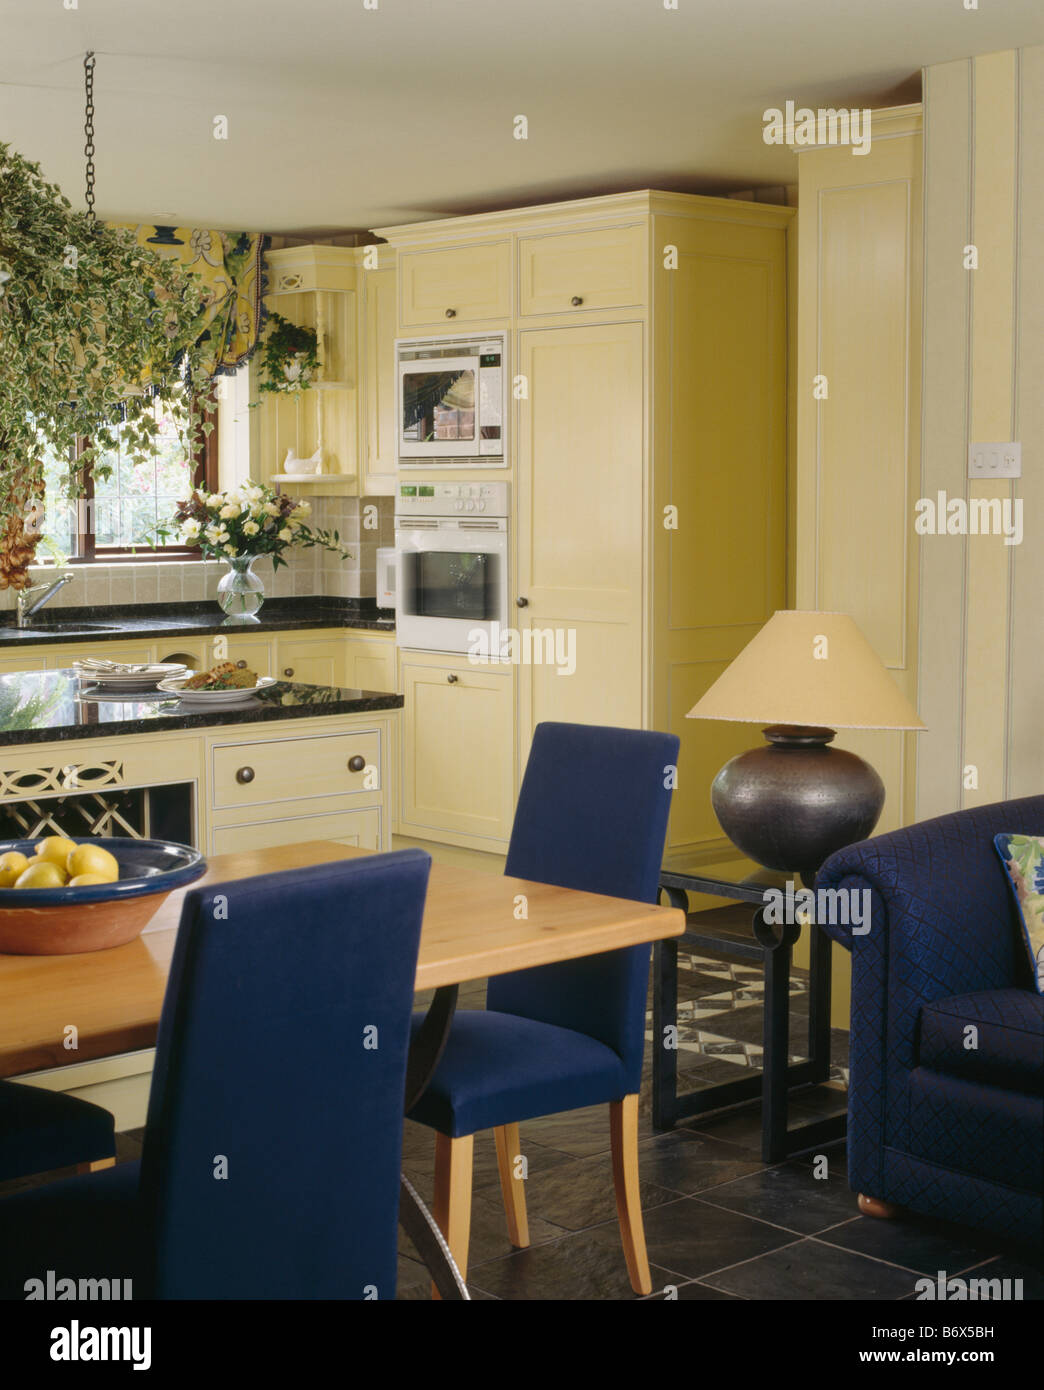 Sillas tapizadas de color azul pálido y mesa de madera en tonos ...